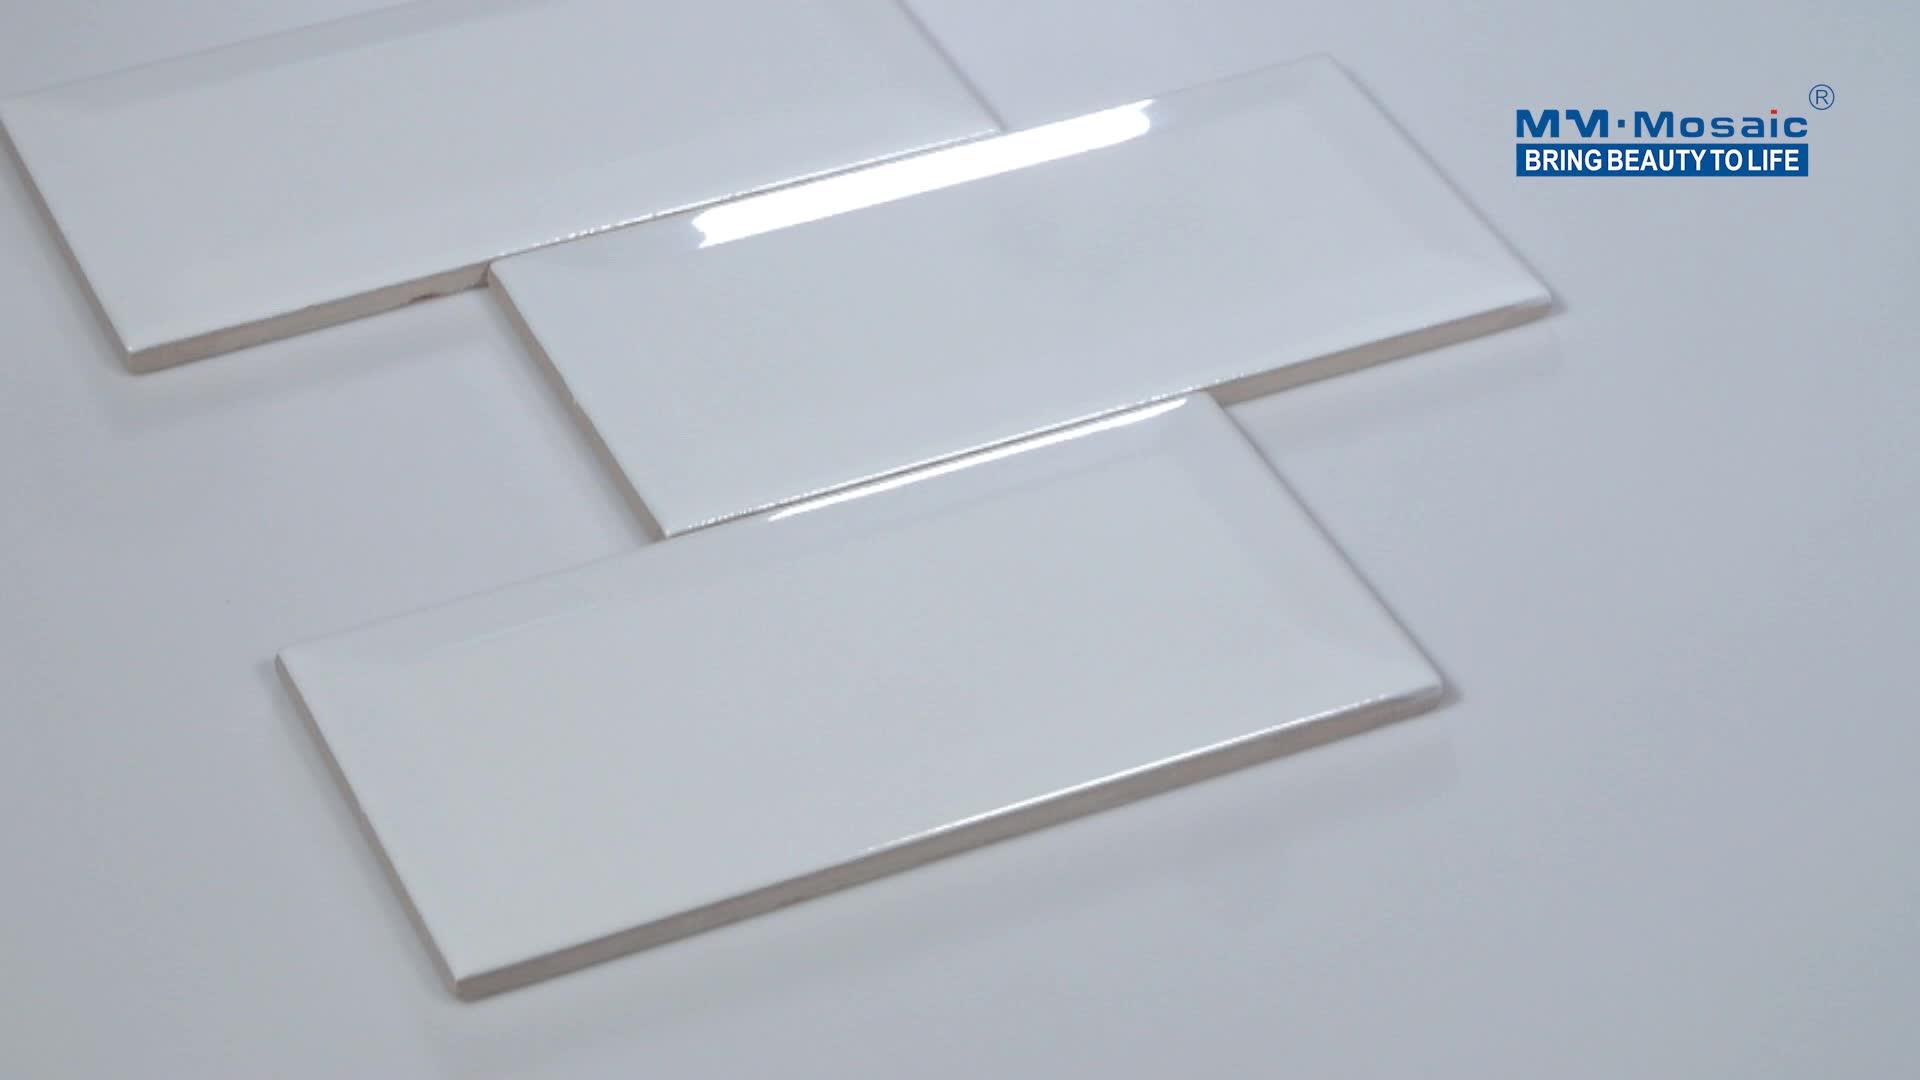 Klaring Goedkope home improvement muur keuken badkamer backsplash 3x6 super wit bevel metro tegels metro tegel keramische